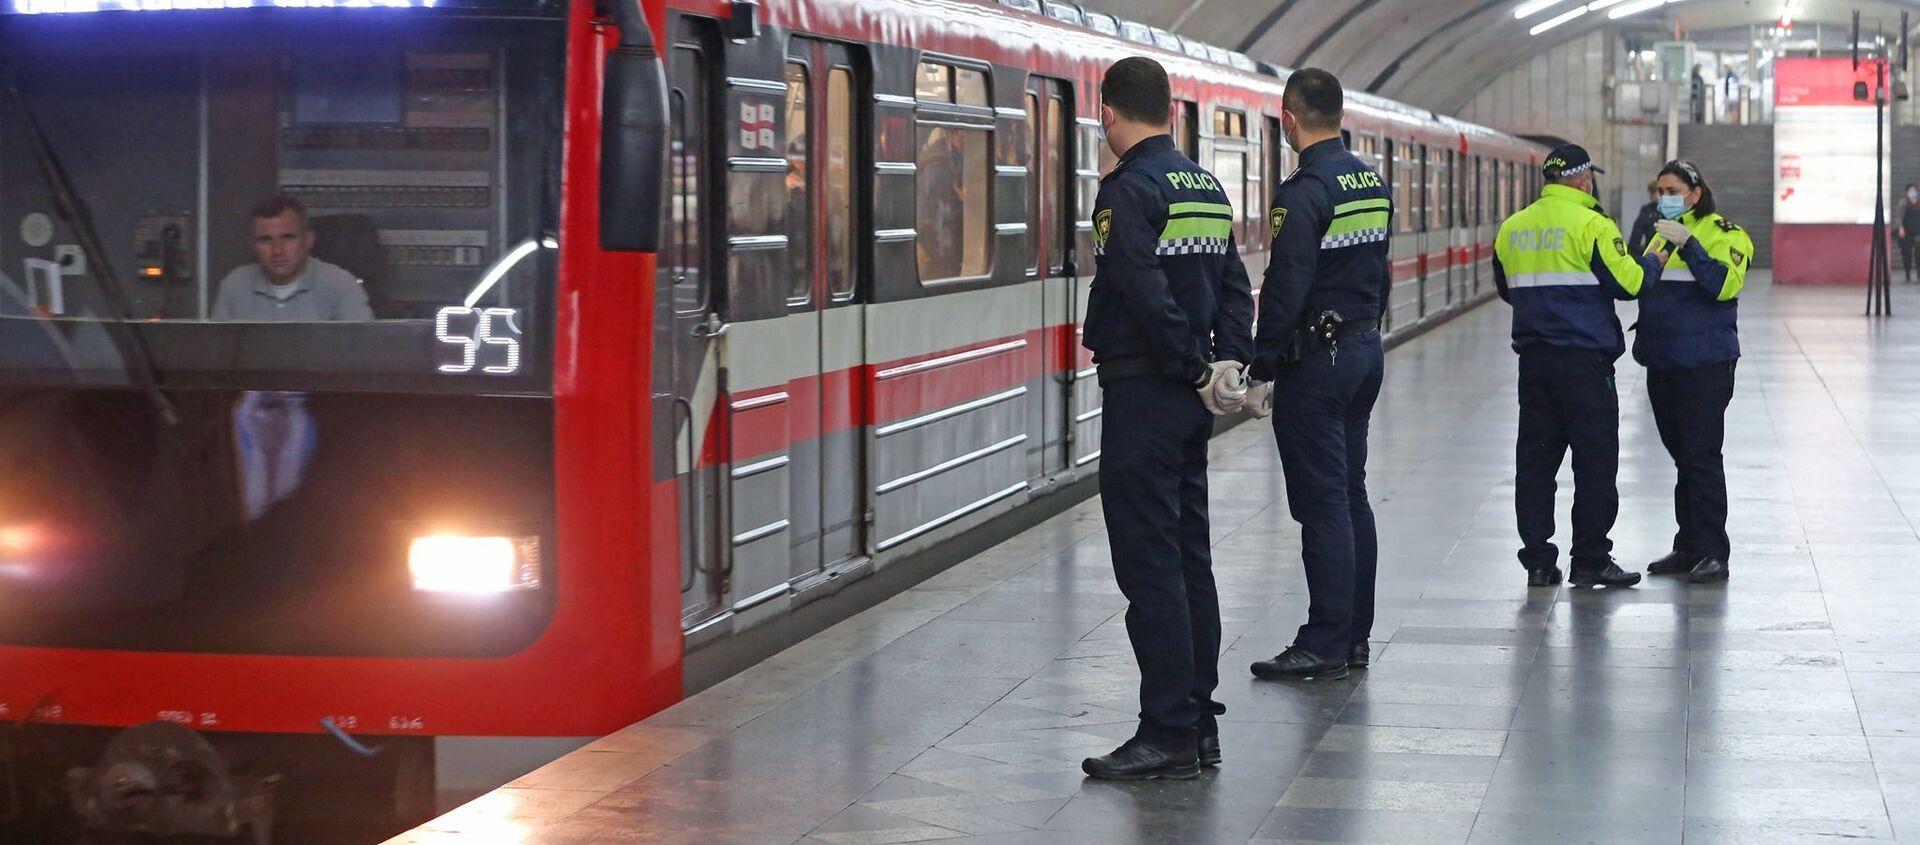 Патрульные полицейские следят за порядком в метро во время эпидемии коронавируса - Sputnik Грузия, 1920, 04.02.2021